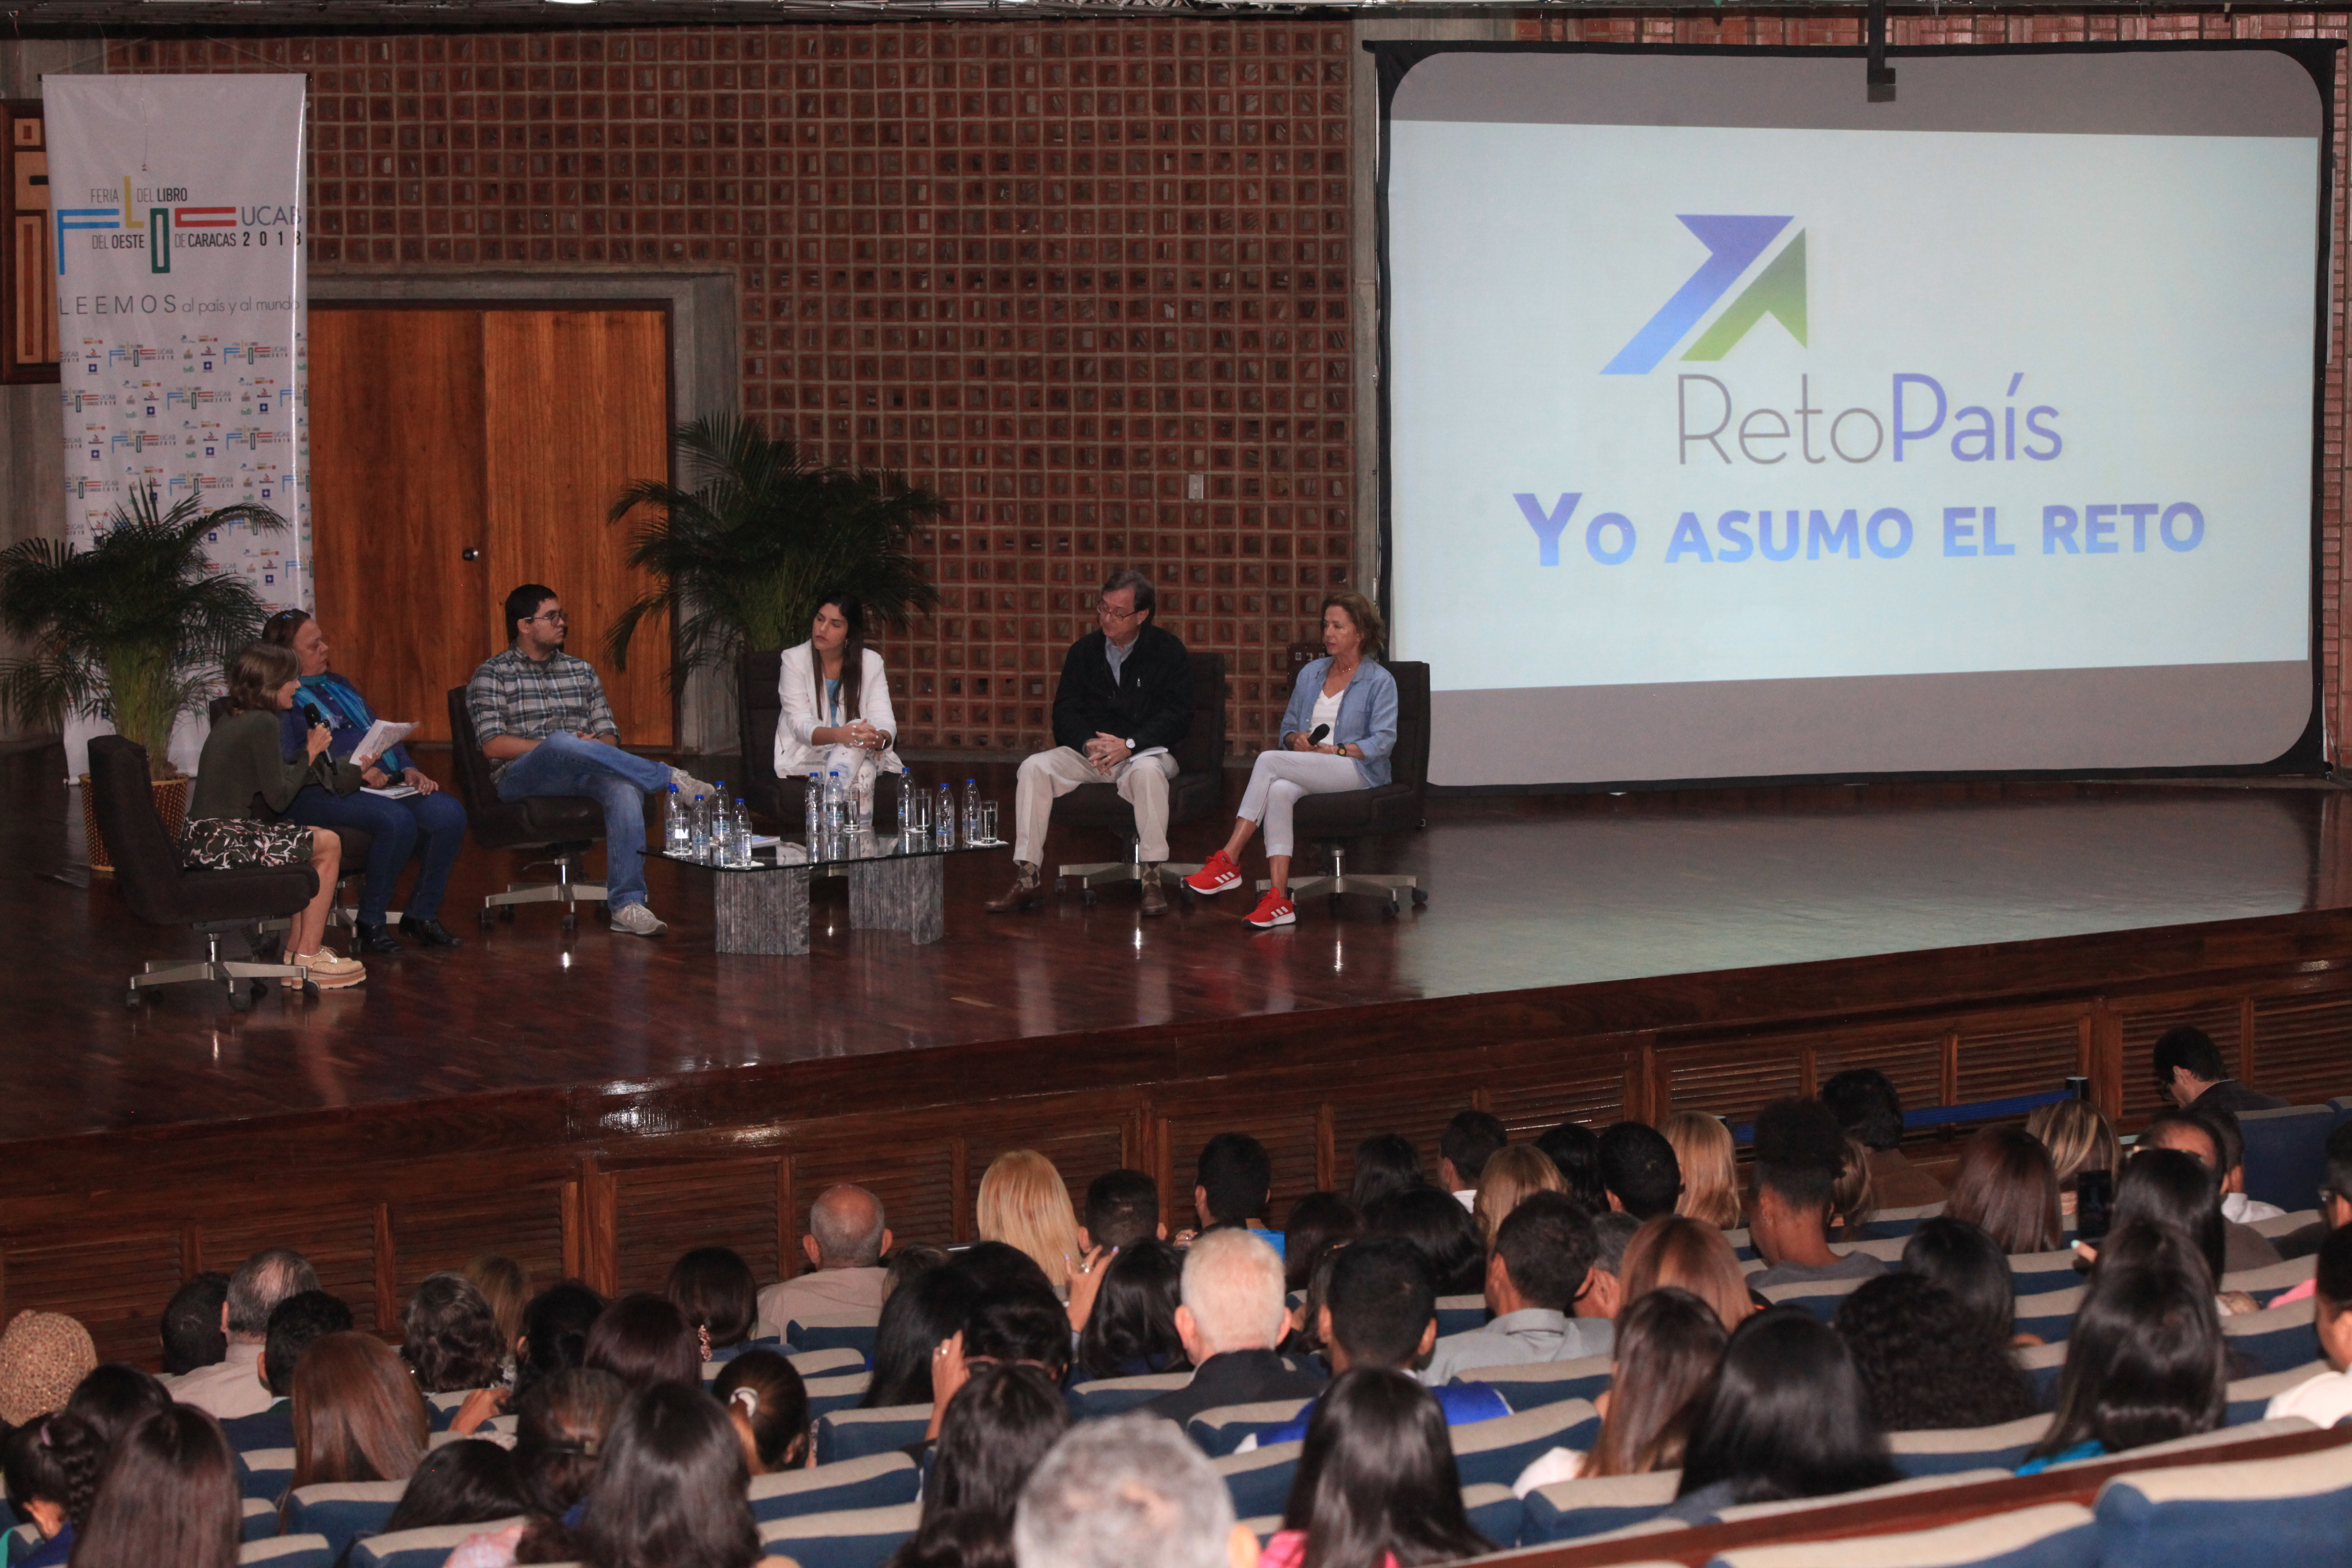 Personalidades venezolanas invitaron a seguir construyendo país